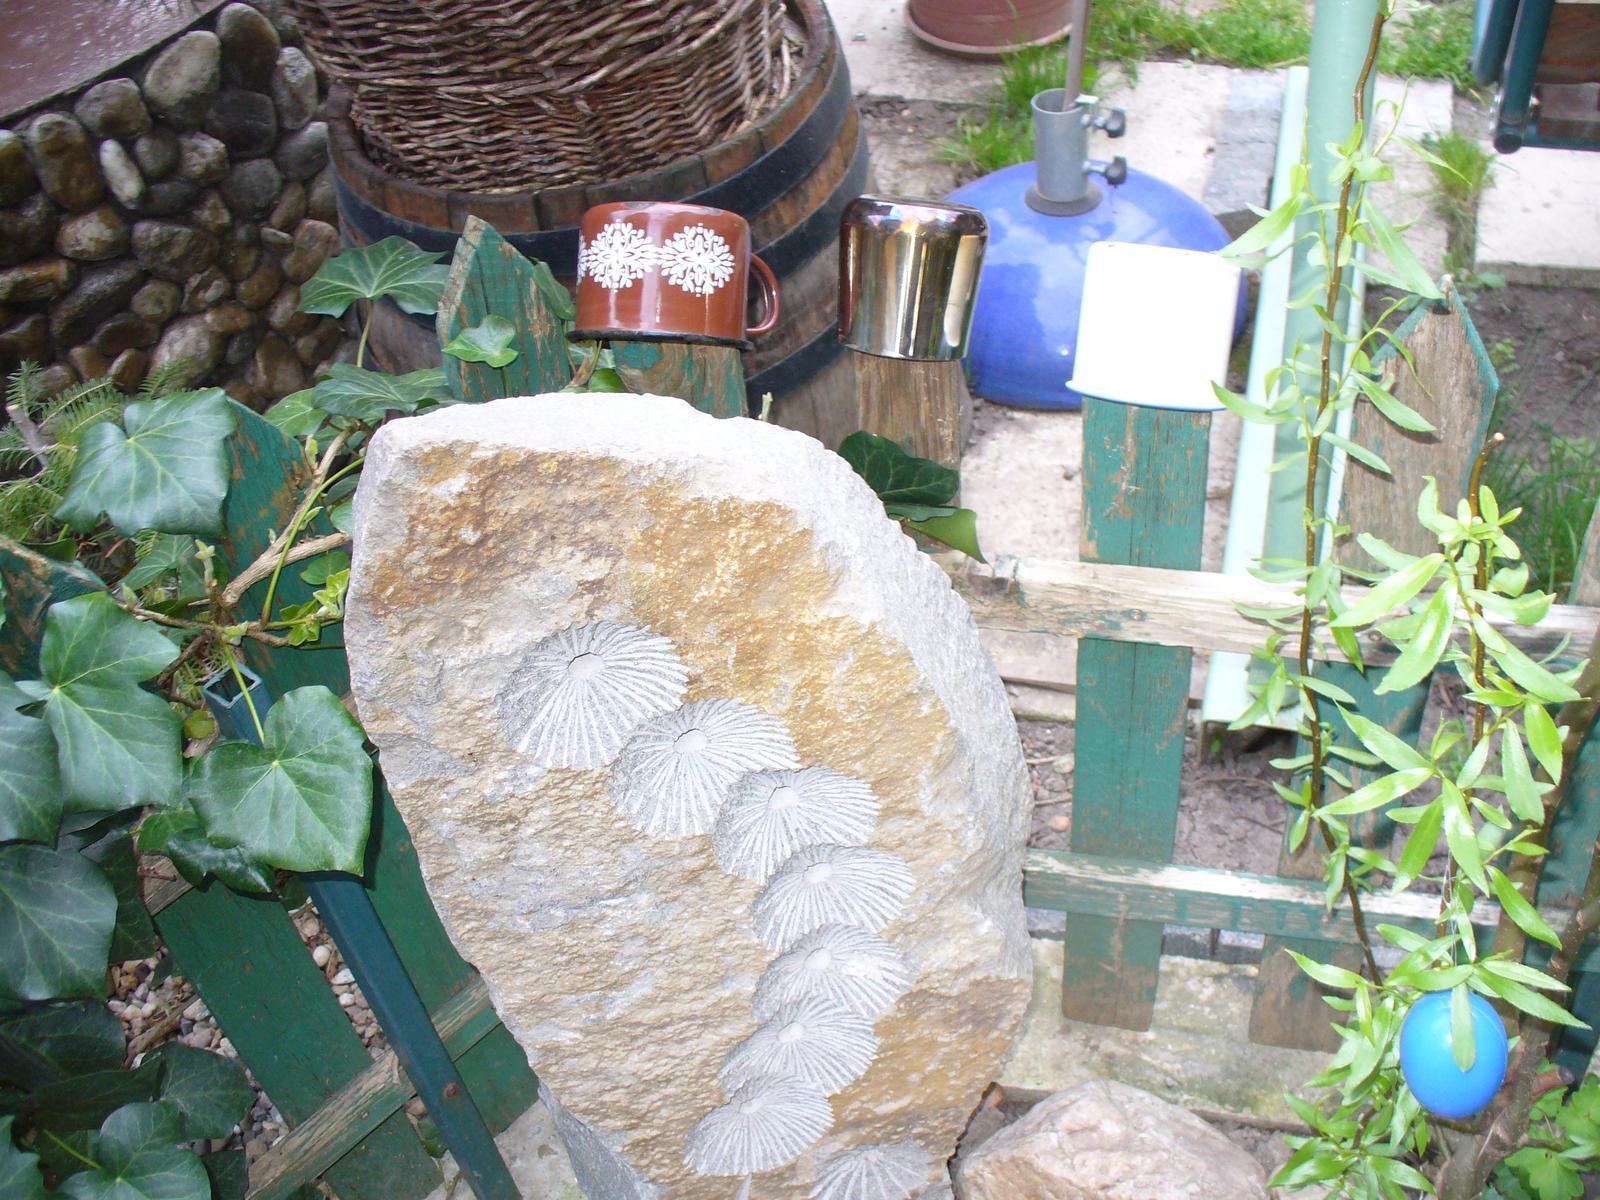 Prerábka, sadenie a úpravy v našej mini záhradke. - našla som doma staré hrnčeky